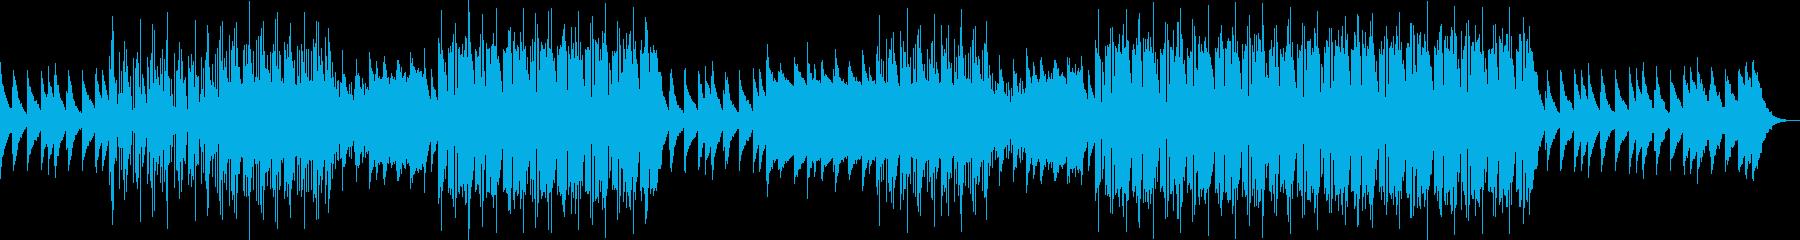 爽快で可愛いフューチャーベースの再生済みの波形